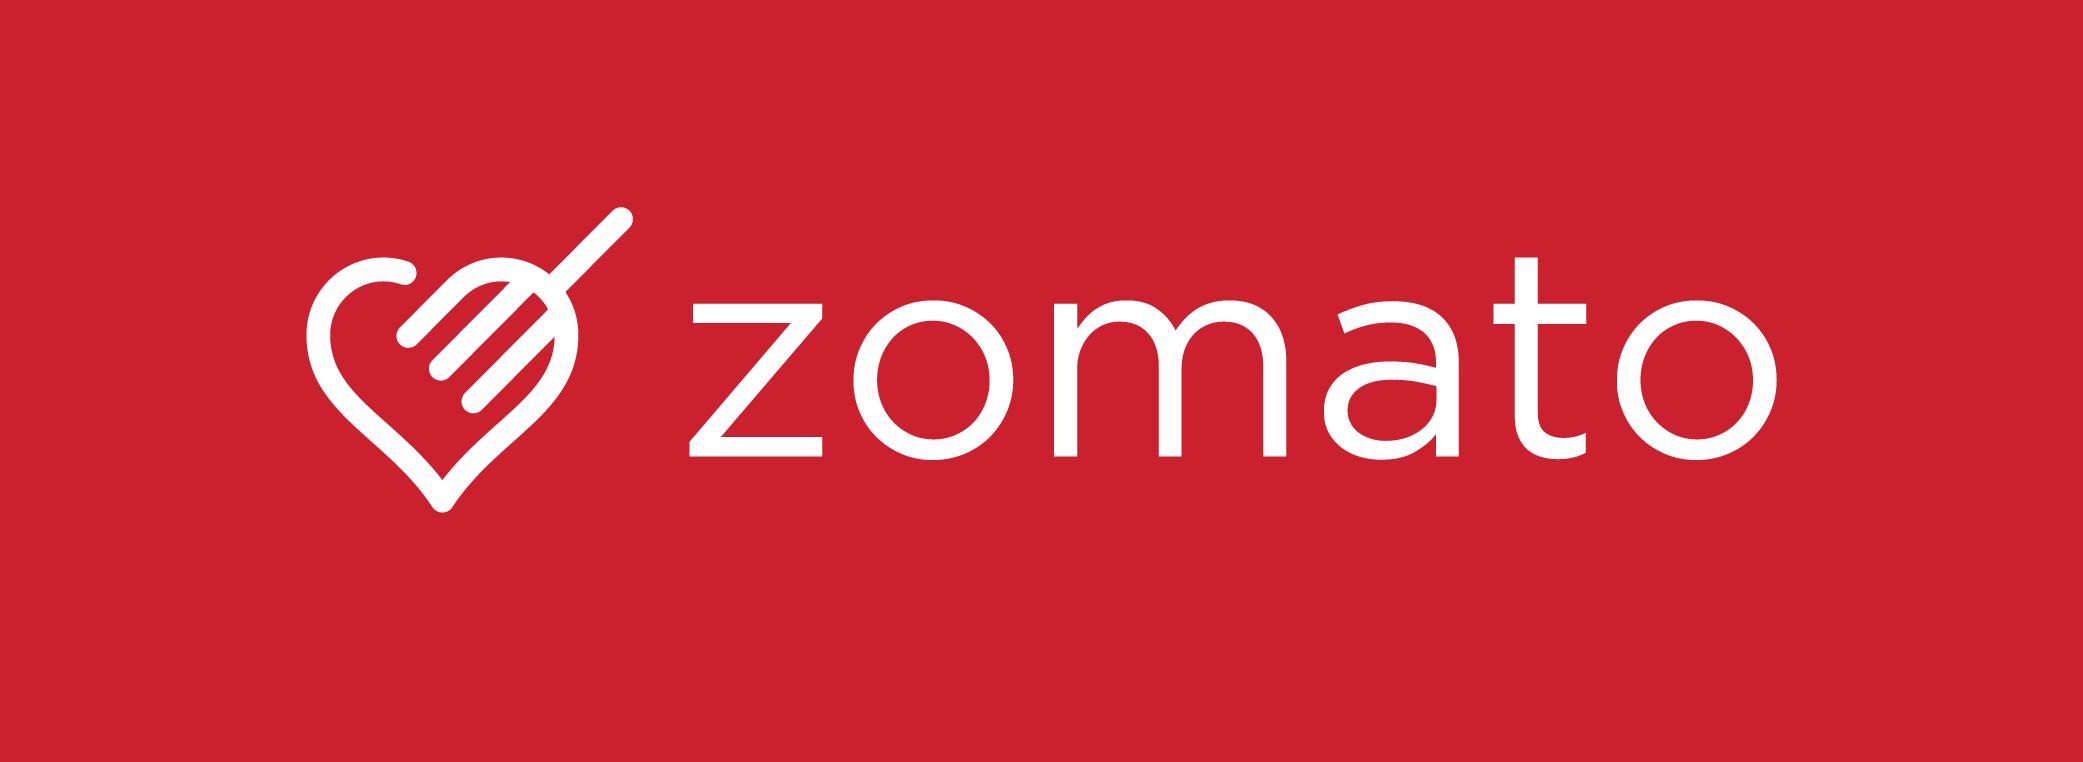 Zomato Logo png